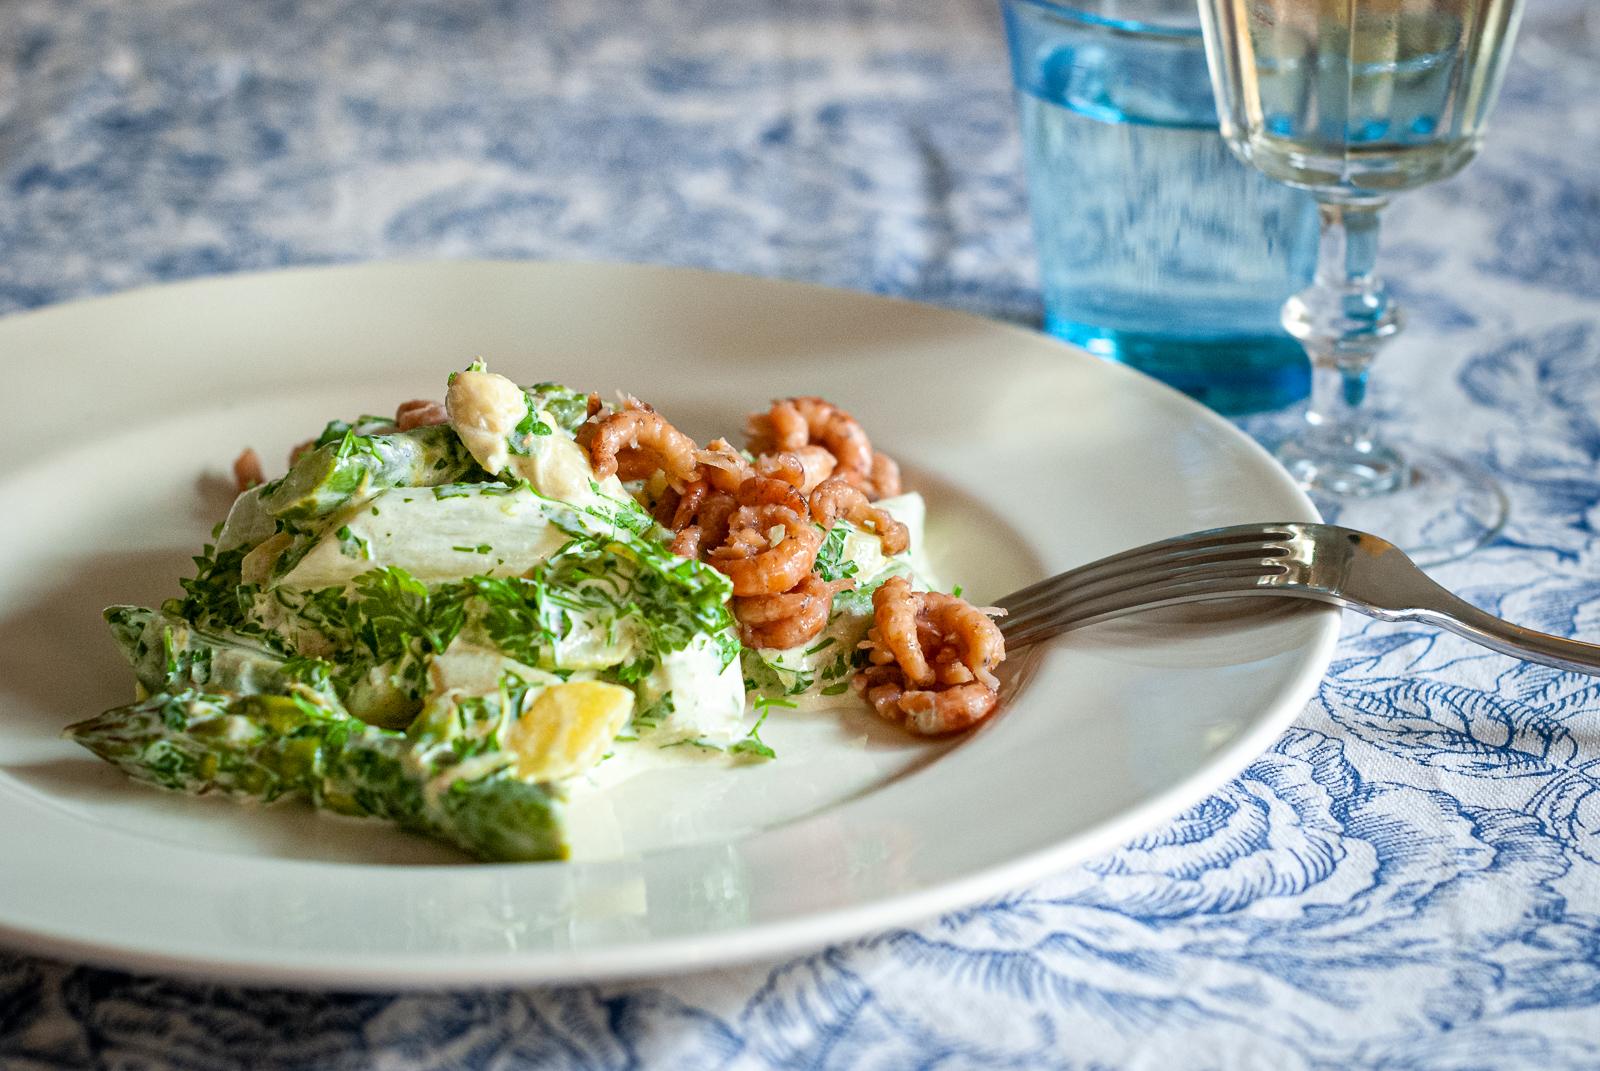 Salade met aardappel, asperges en garnalen